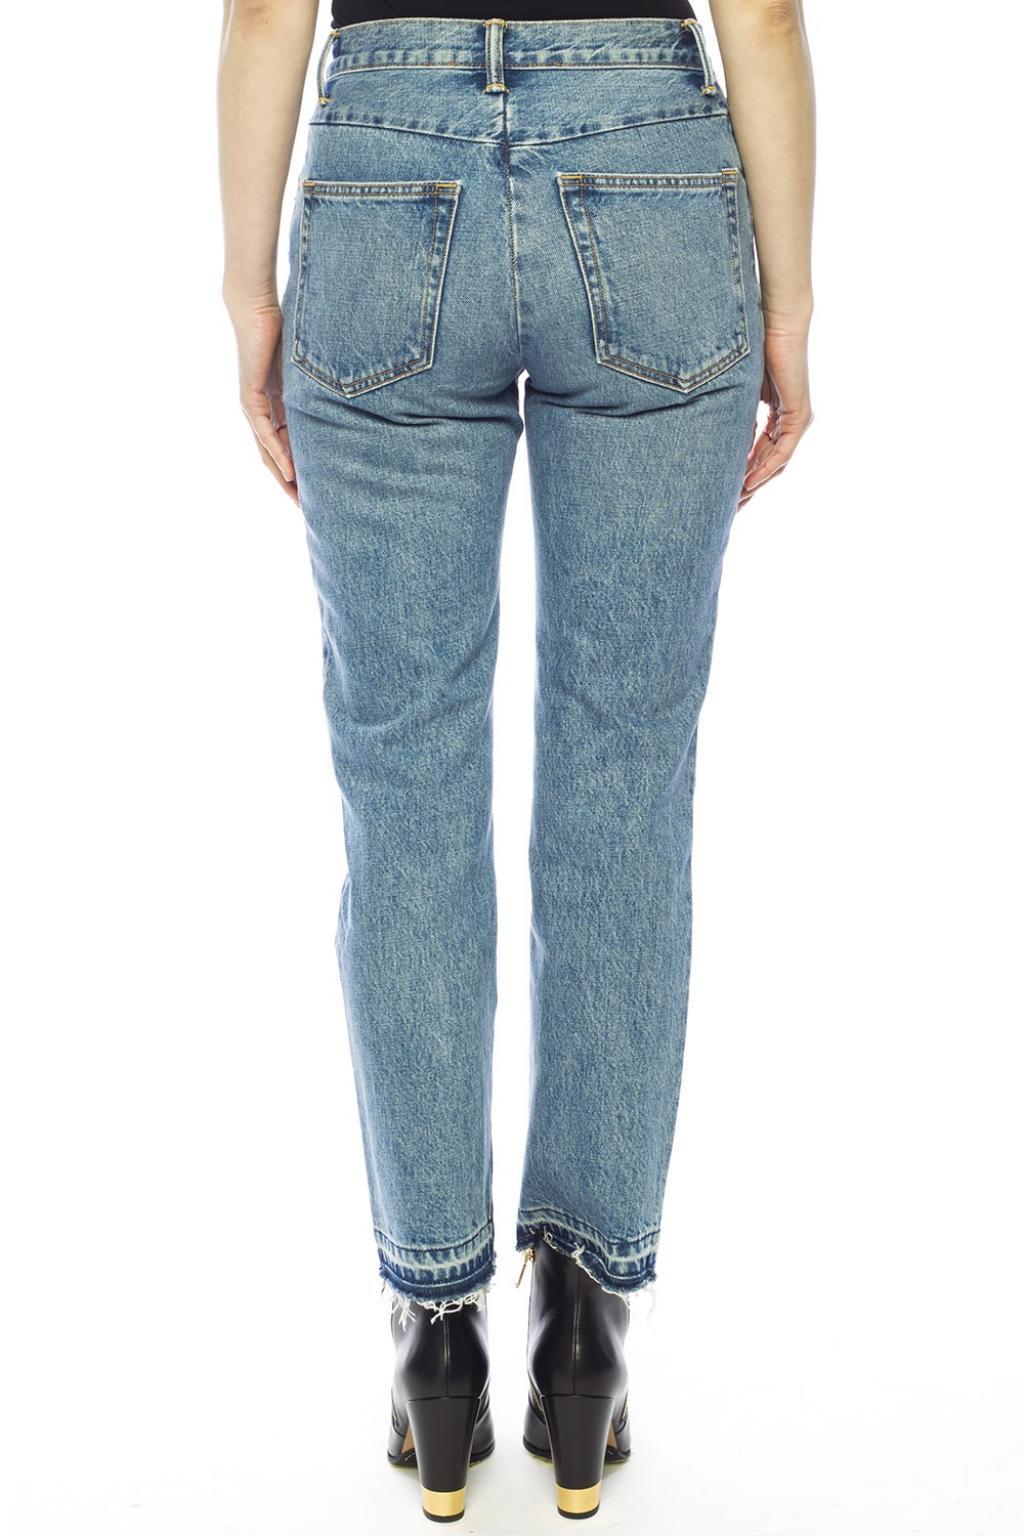 Helmut Lang Denim Straight Leg Jeans Blue